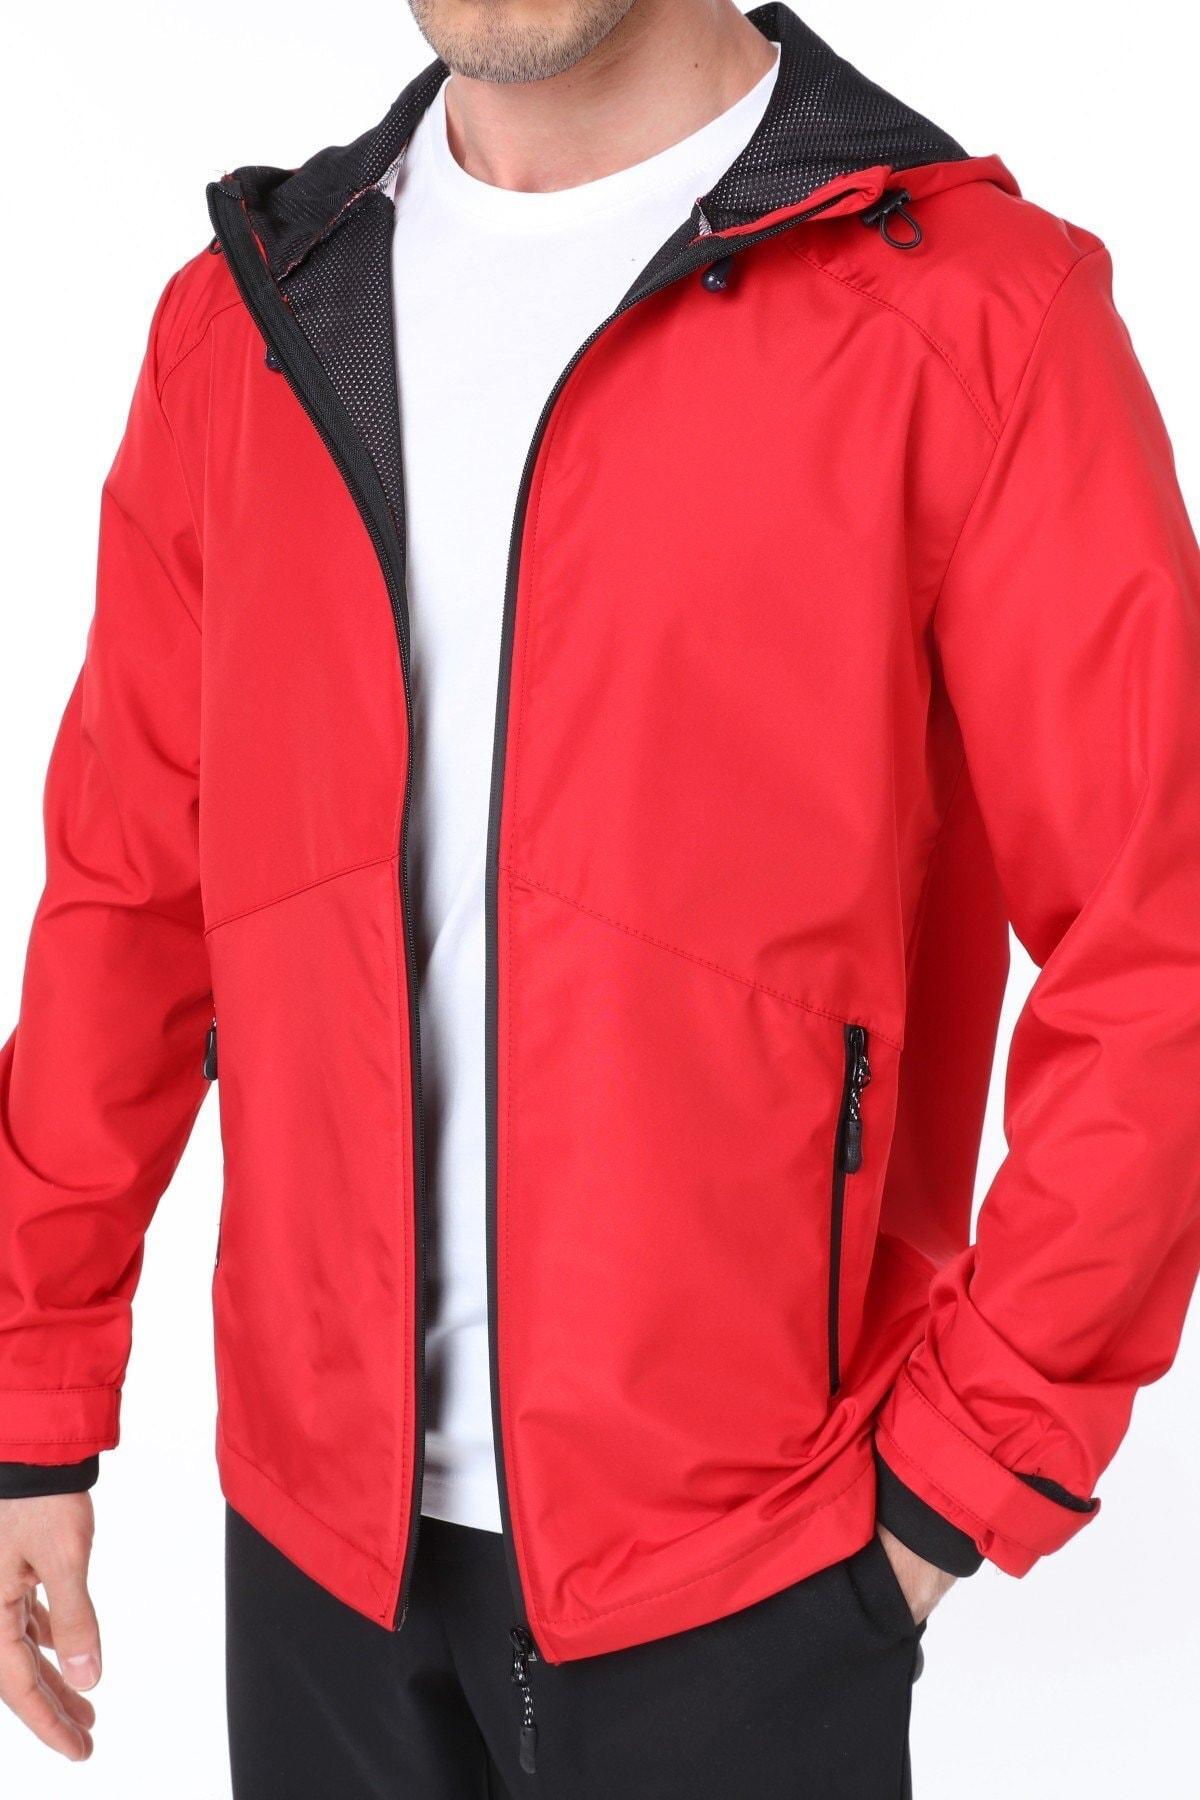 Erkek Kırmızı Rüzgarlık/Yağmurluk Outdoor Omuz Detaylı Mevsimlik Spor Ceket